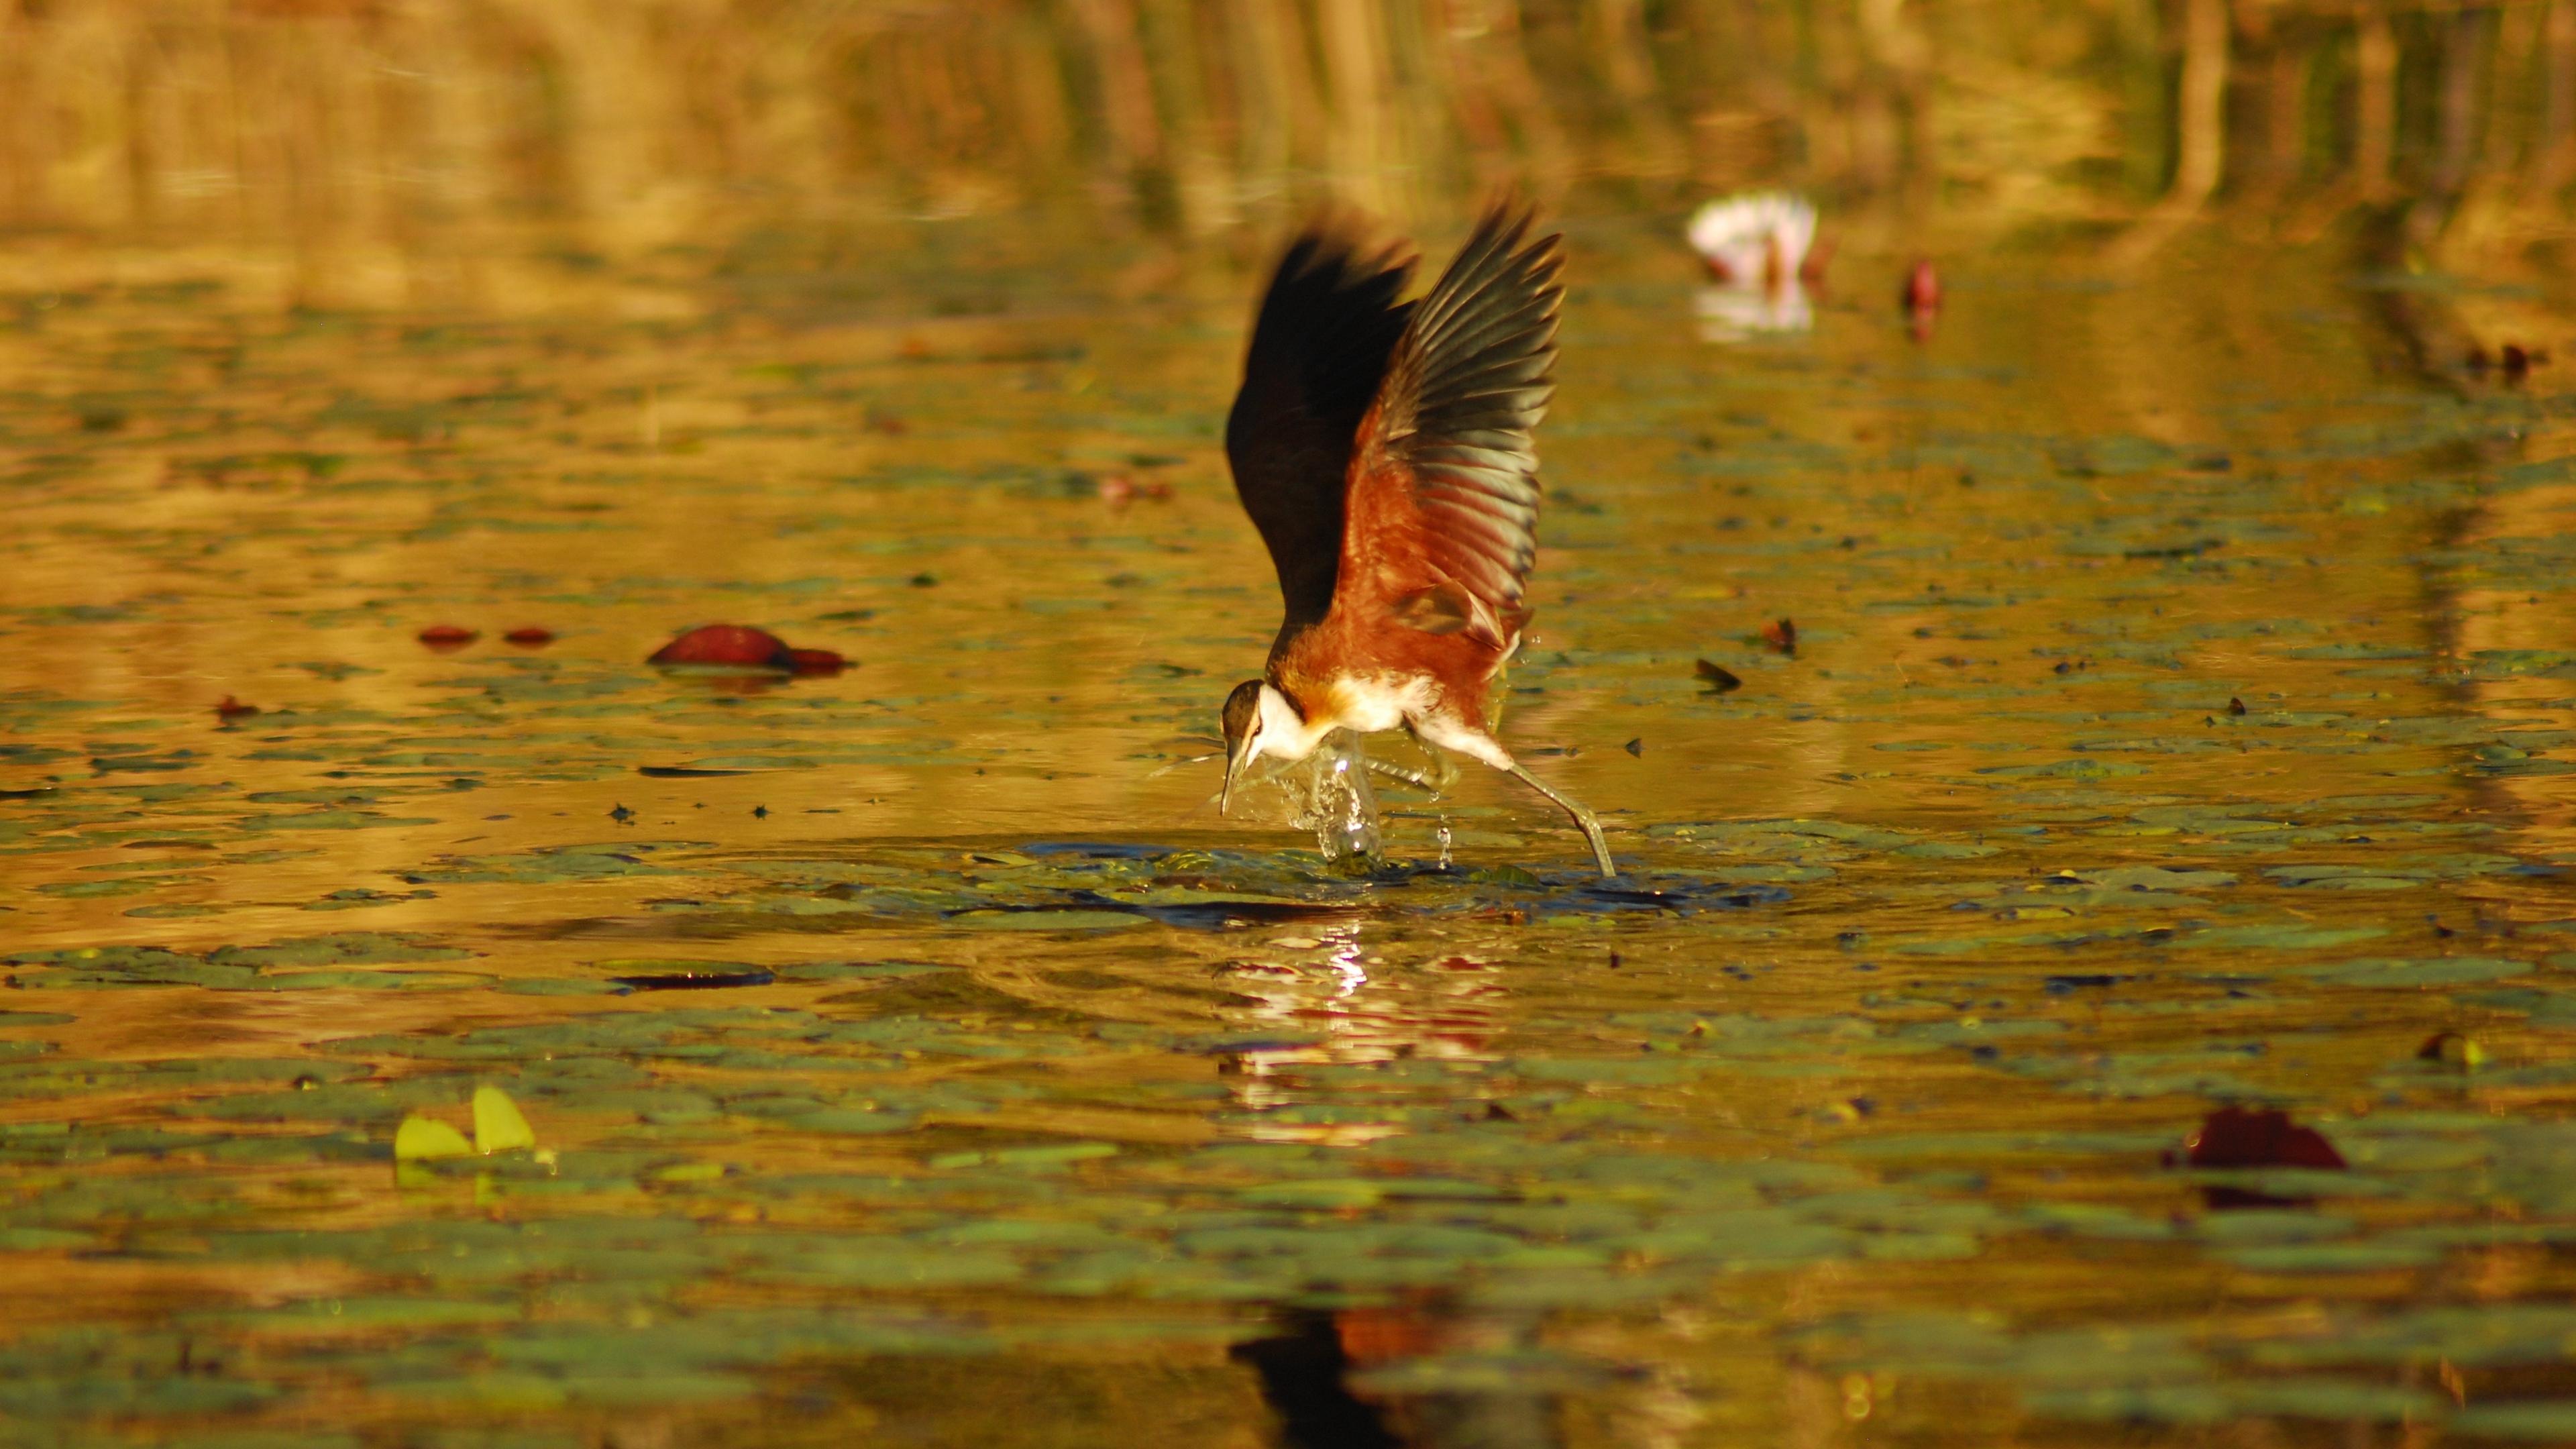 botswana bird africa flight 4k 1542242253 - botswana, bird, africa, flight 4k - Botswana, Bird, Africa